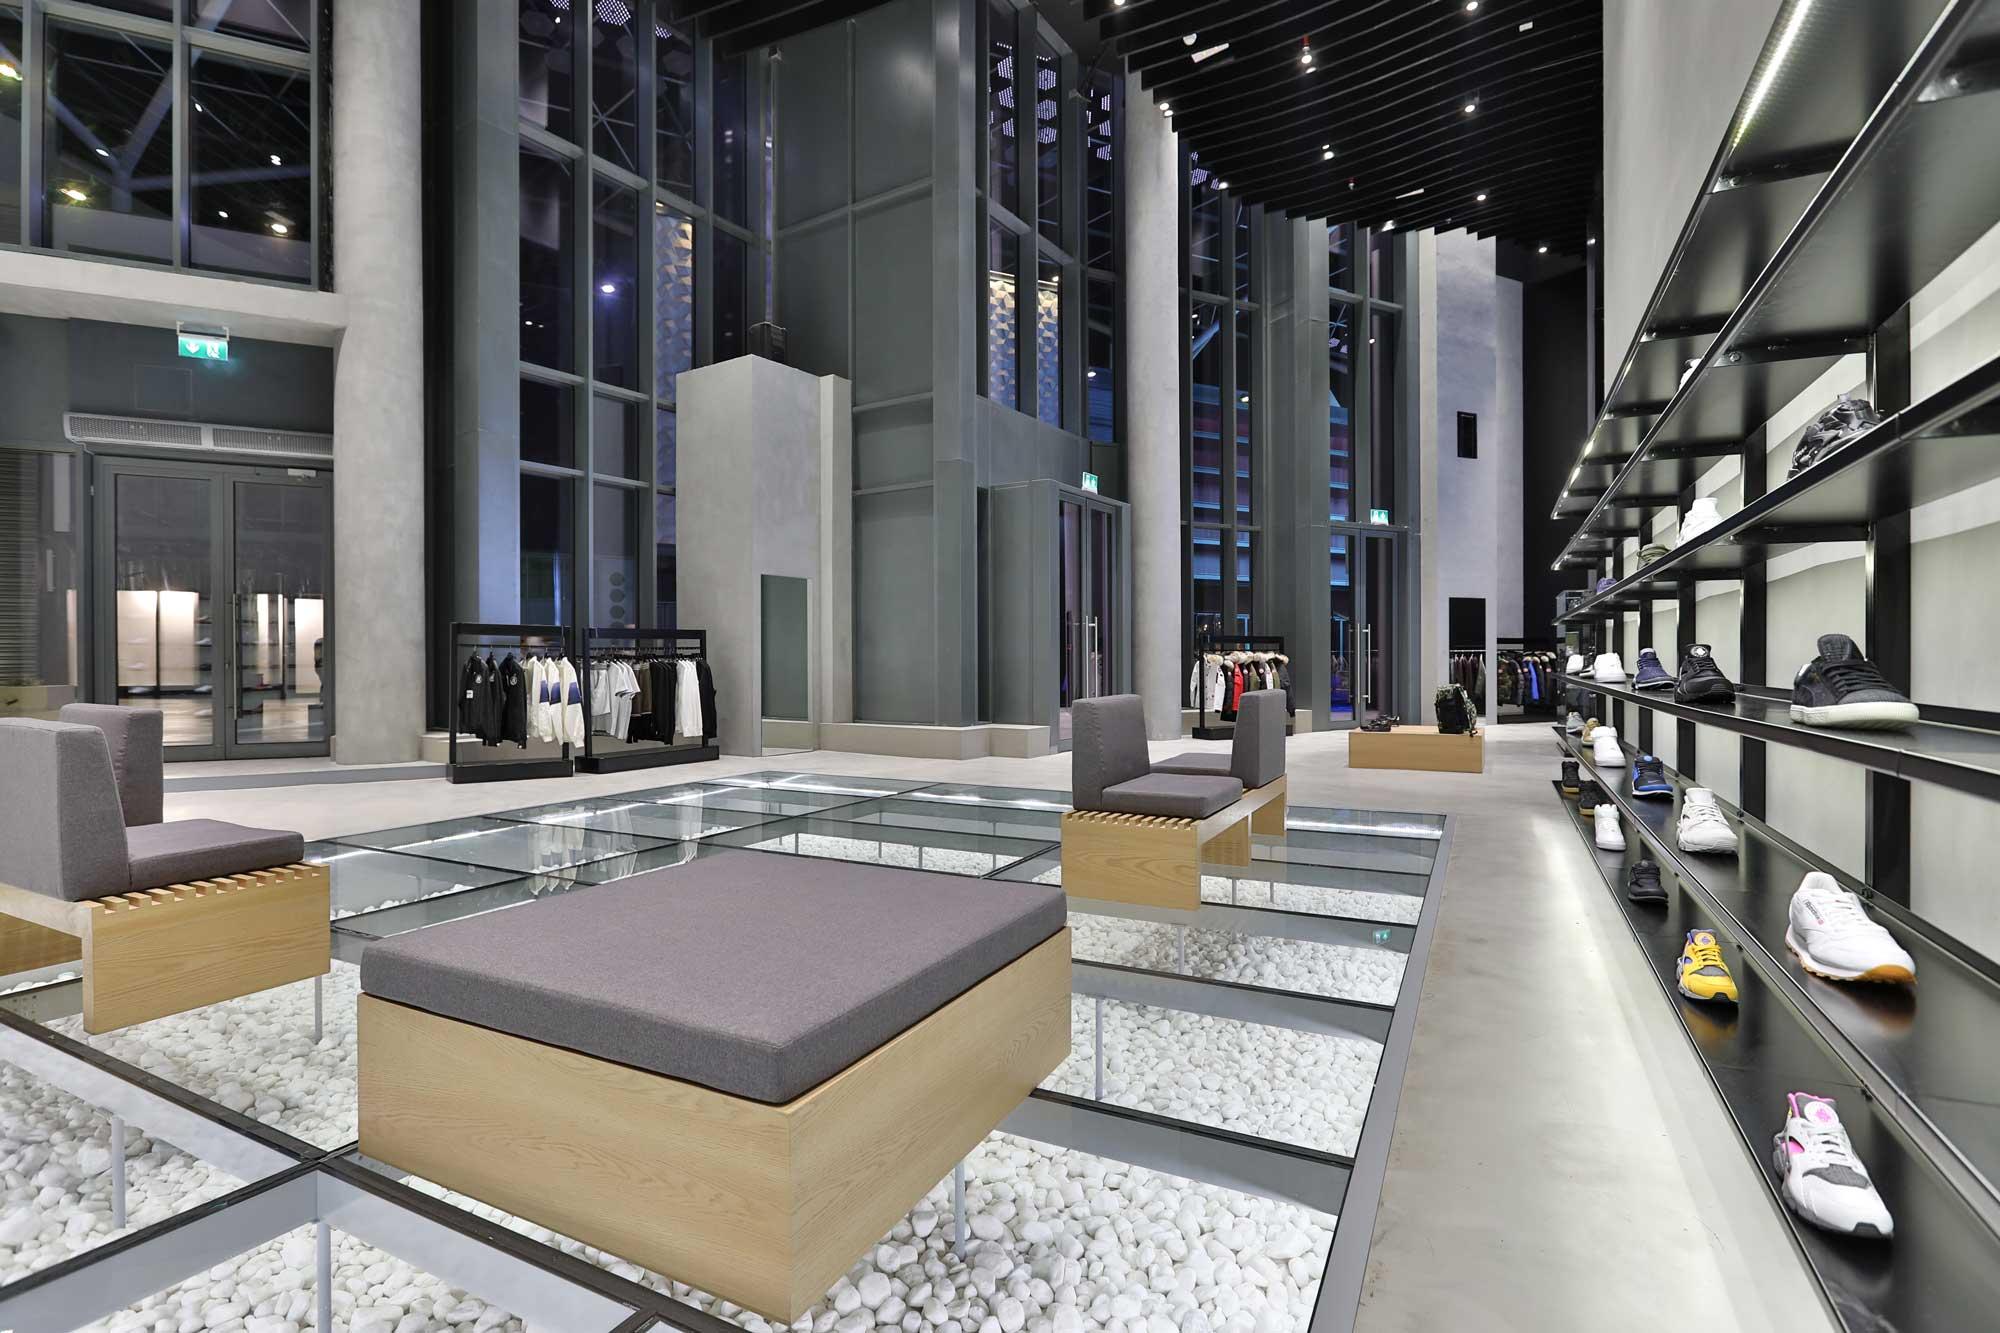 Магазин Concepts — незаменимая часть Бостона и коллабораций с New Balance